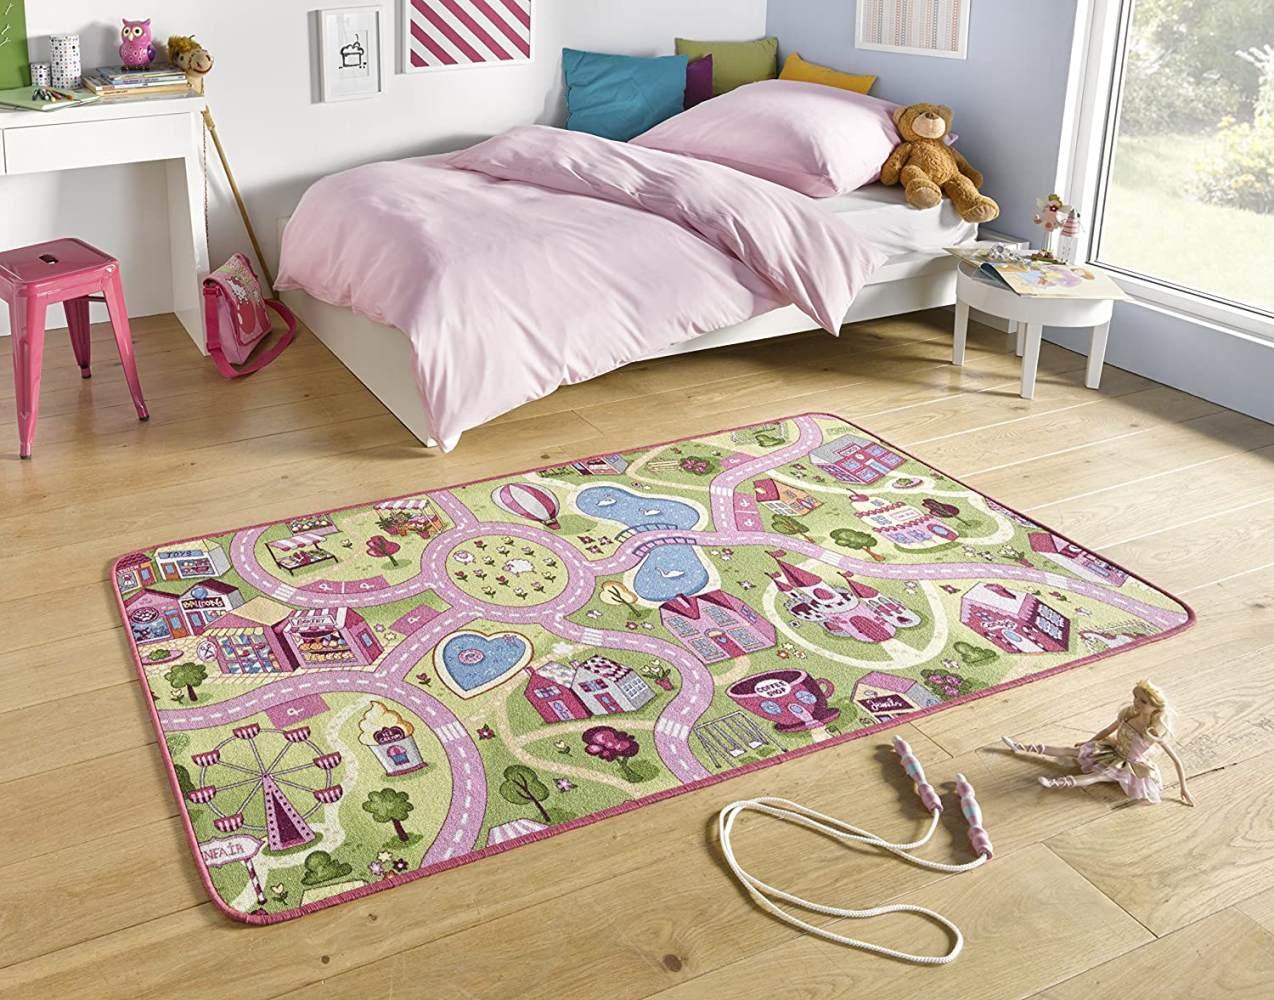 HANSE Home Kurzflor Kinderteppich Spielteppich Sweet Town(140x200 cm, 100% Polyamid, Rutschhemmende Rückenbeschichtung, Pflegeleicht, Fußbodenheizung geeignet), Rosa Bild 1